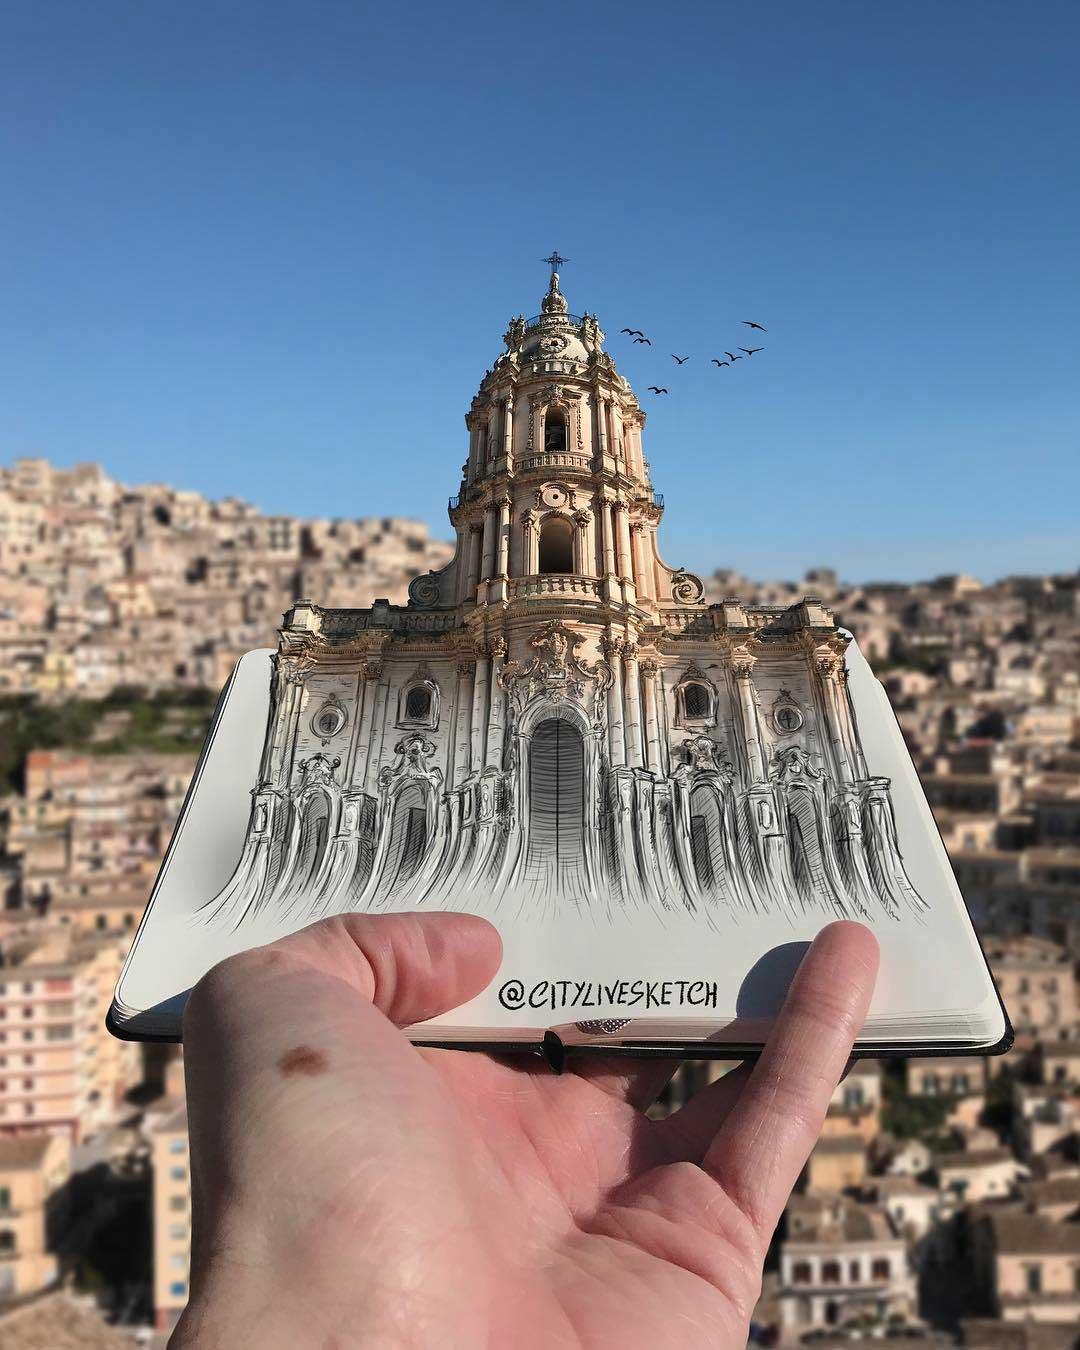 Pietro Cataudella lässt Zeichnungen mit der Realität verschmelzen CityLiveSketch-Pietro-Cataudella_07